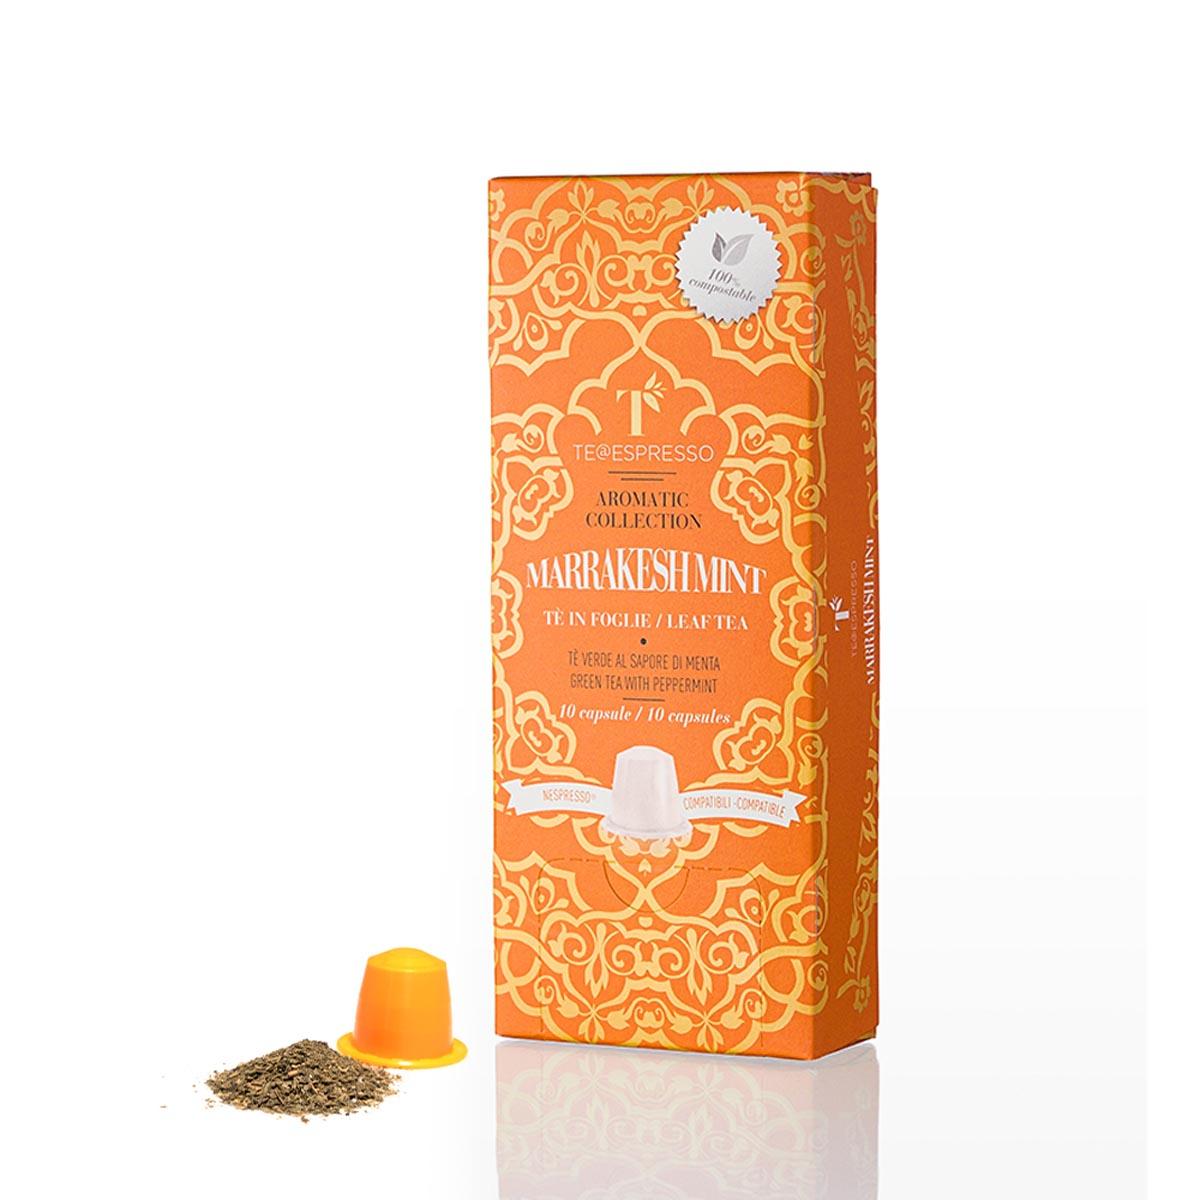 Marrakech Mint